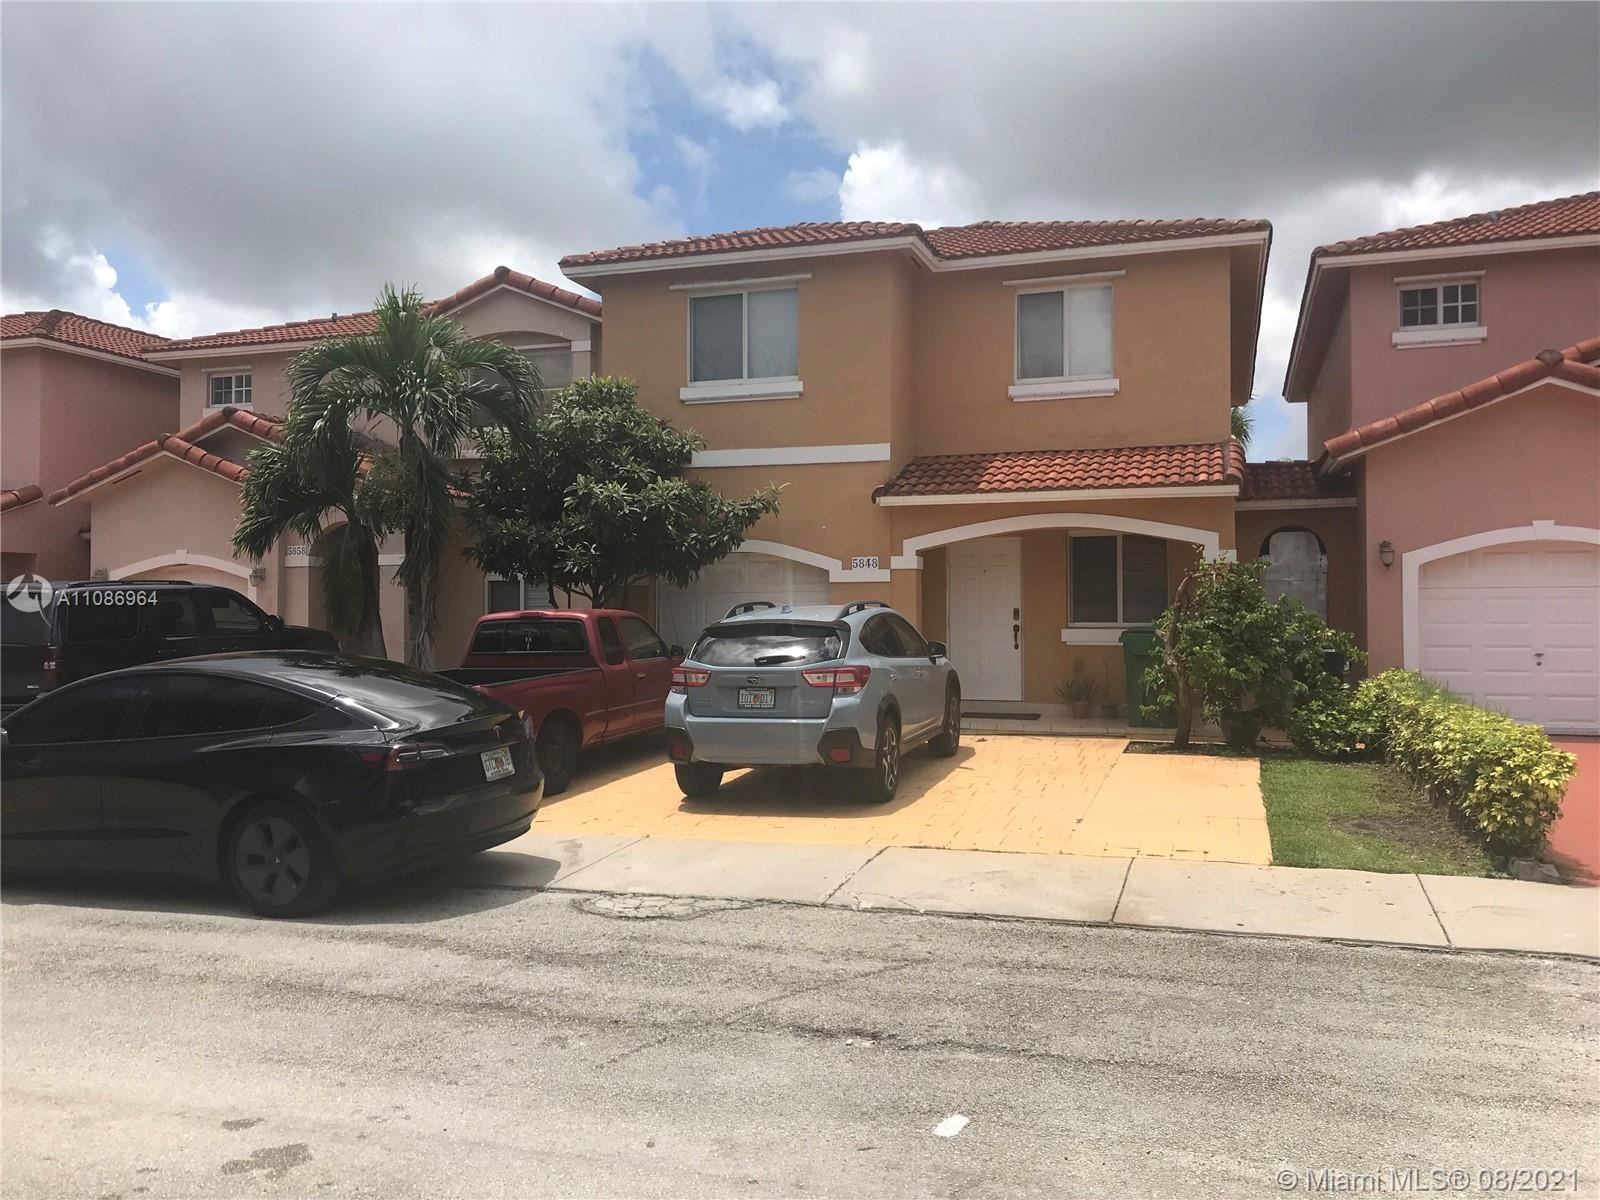 5848 SW 163rd Ave #5848, Miami, FL 33193 - #: A11086964